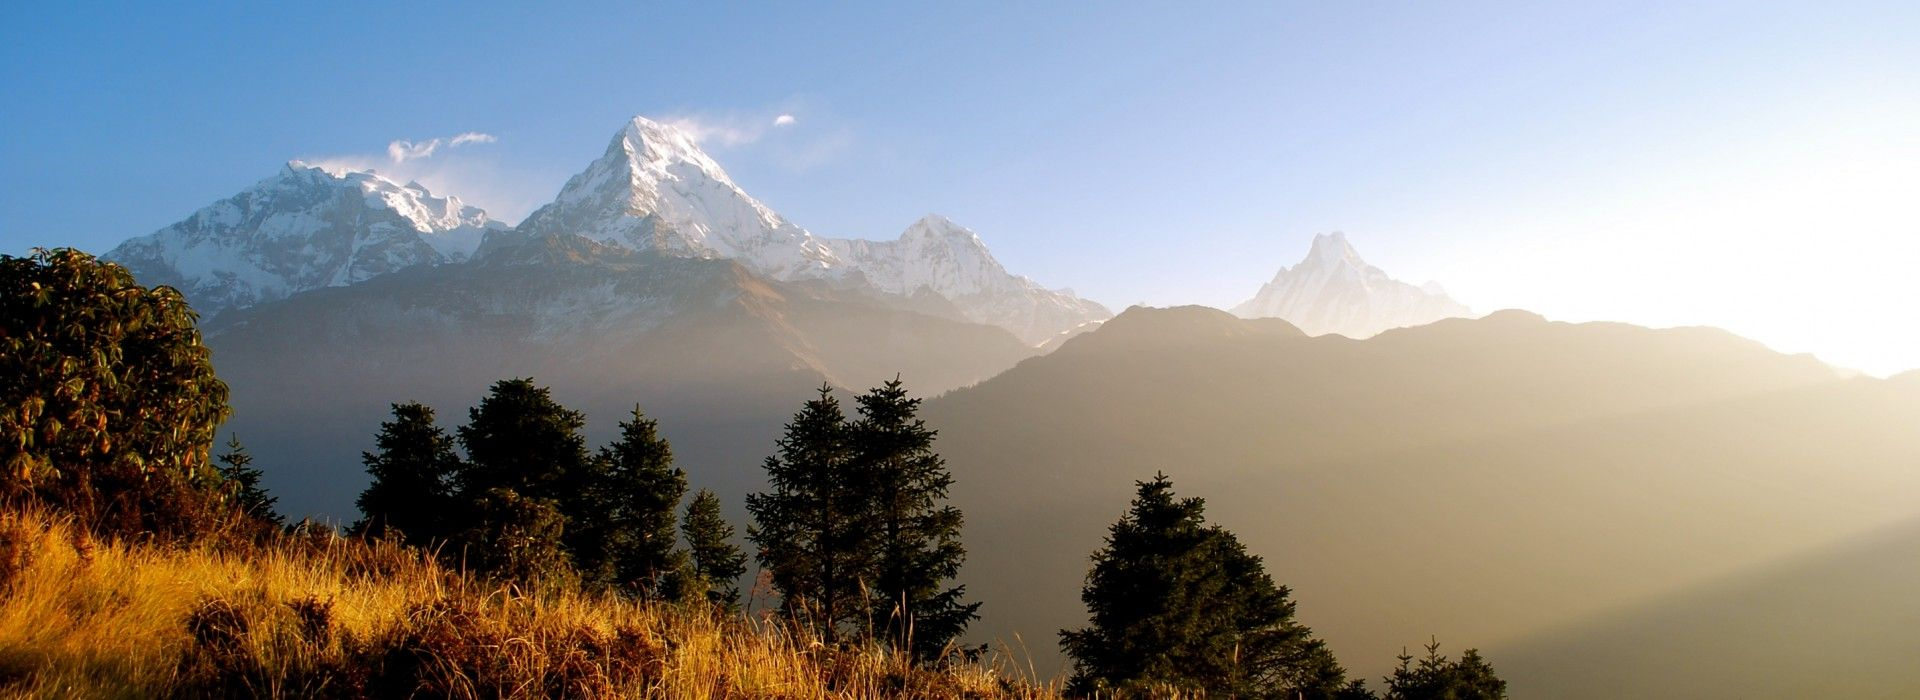 Overland Journeys Tours in Kathmandu